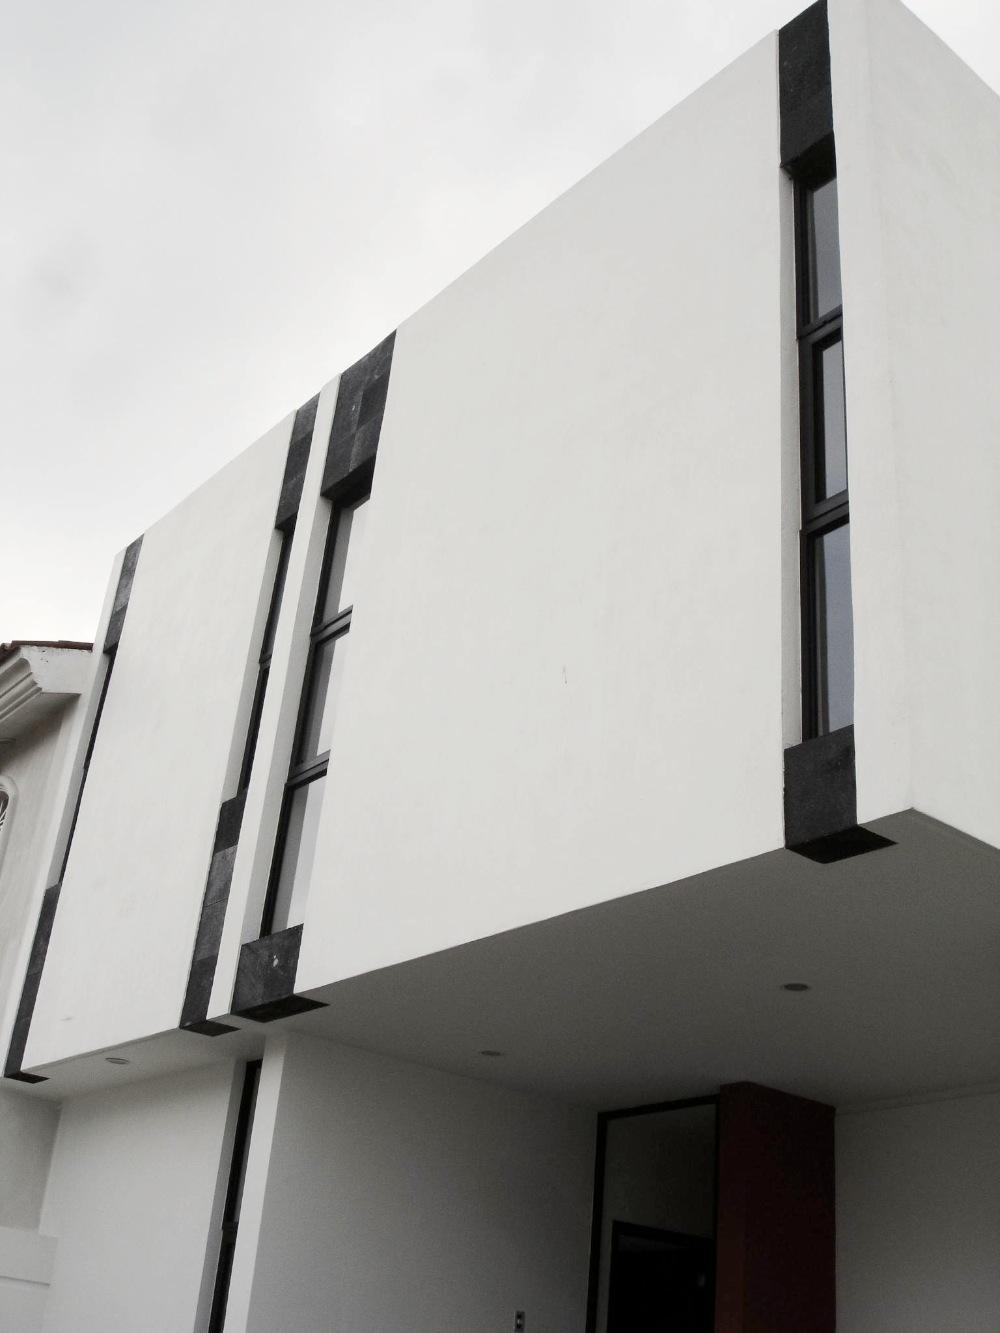 Casa-CDC-2520,SECUENCIA-estudio,arquitectura,casas,diseño